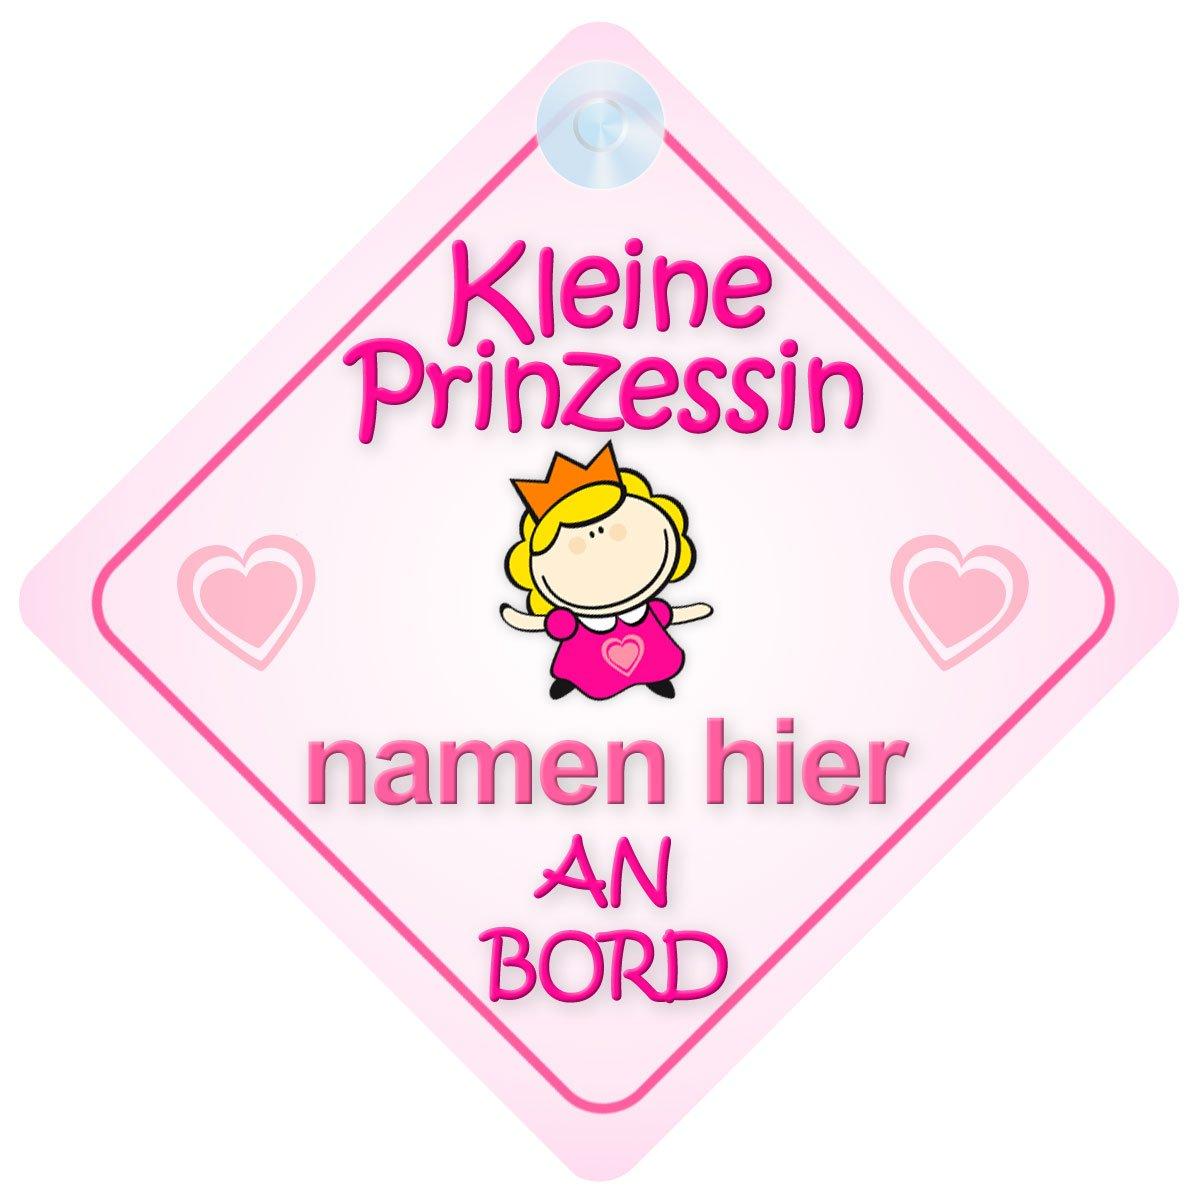 Kleine Prinzessin An Bord Personalisierte Autokennzeichen Neues Baby Mä dchen / Kind Geschenk / Prä sentieren / Baby on Board / Autoschild mybabyonboard